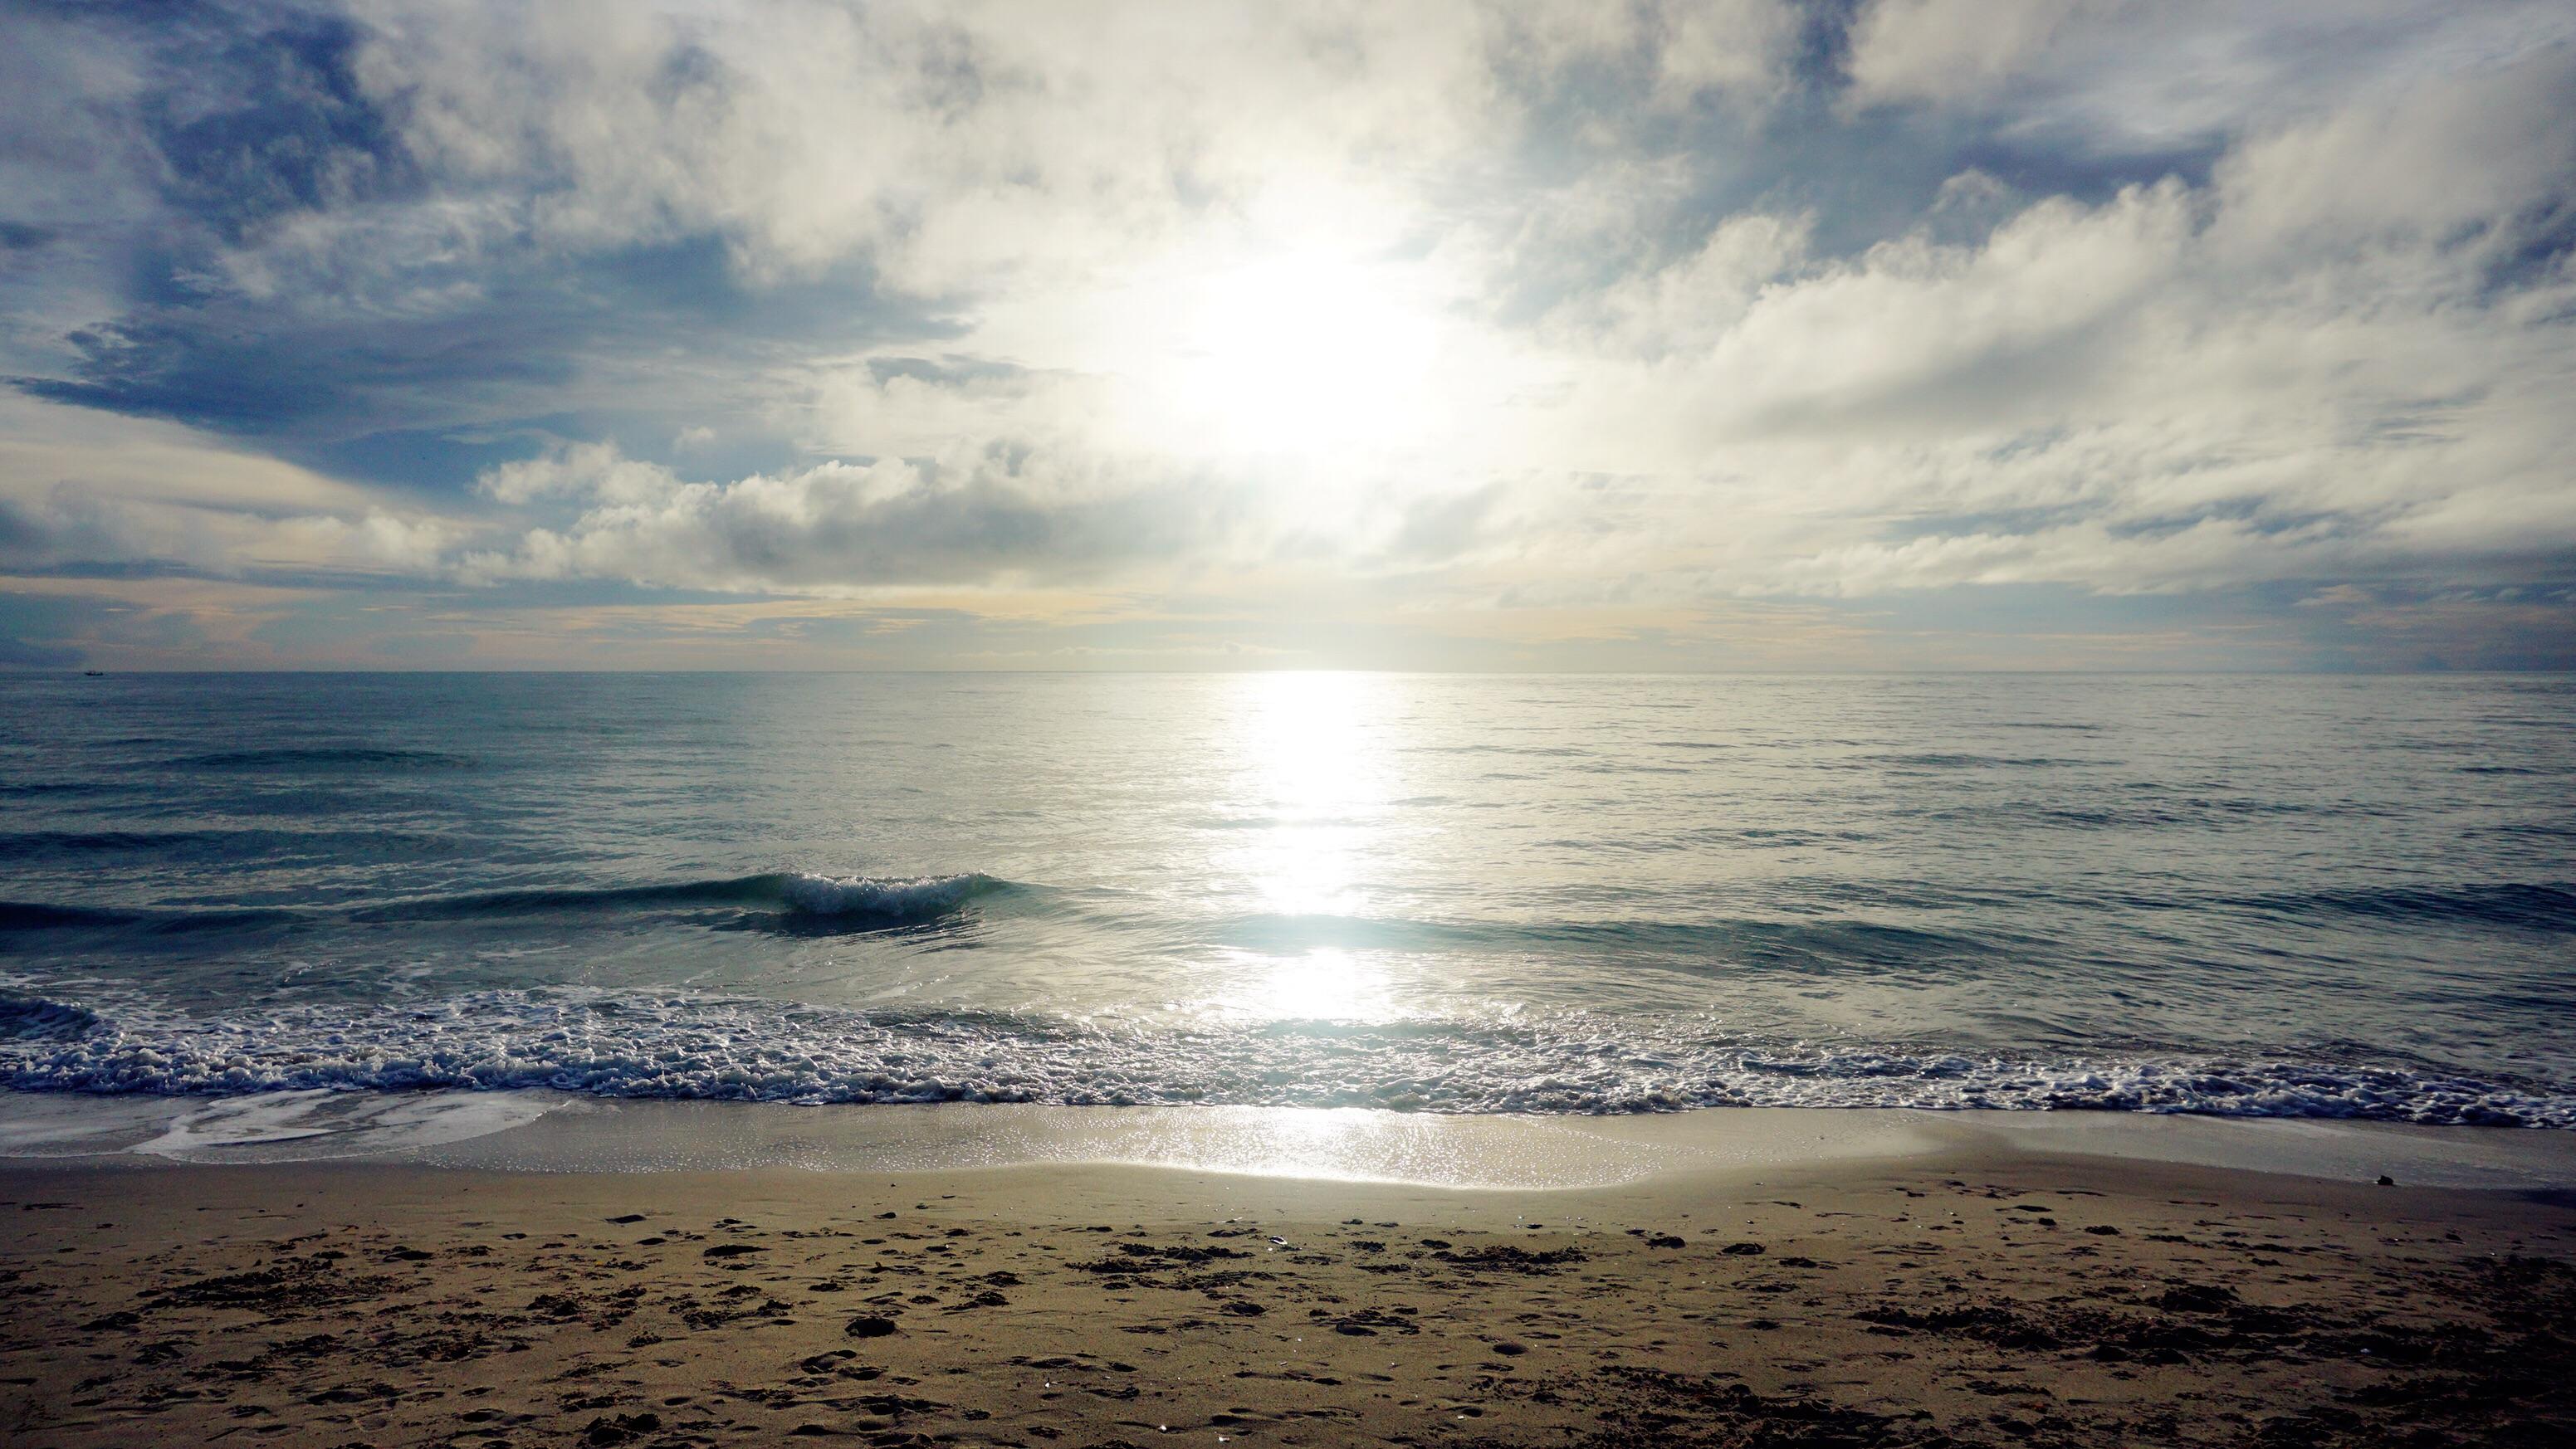 酒店餐厅外的沙滩6:00am##圣苏西苏梅